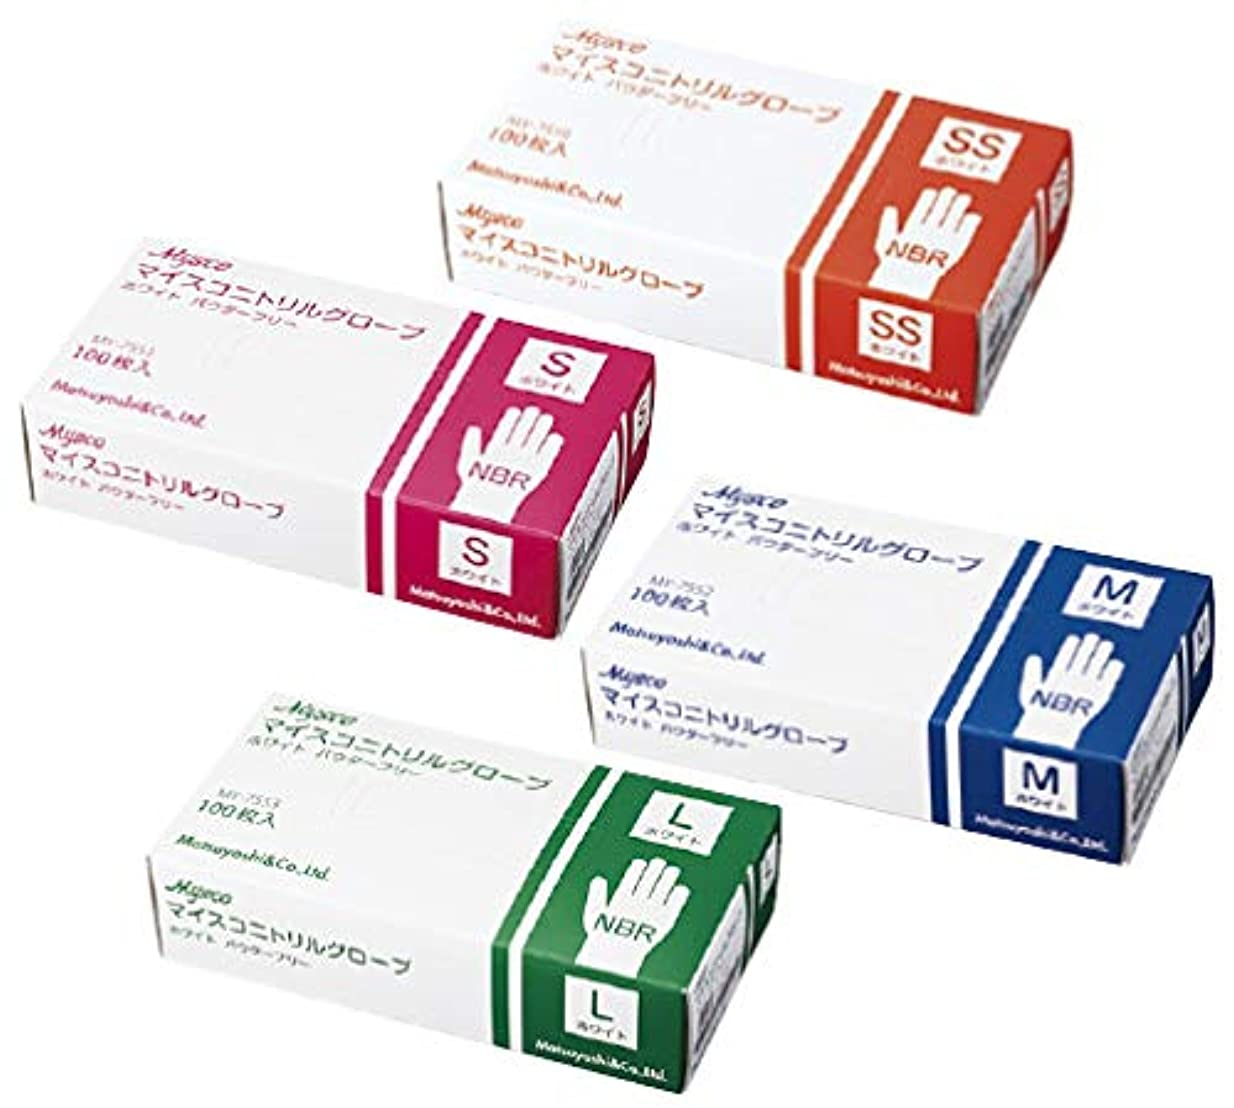 マイスコ ニトリルグローブ ホワイト 粉なし M 100枚入り 3箱